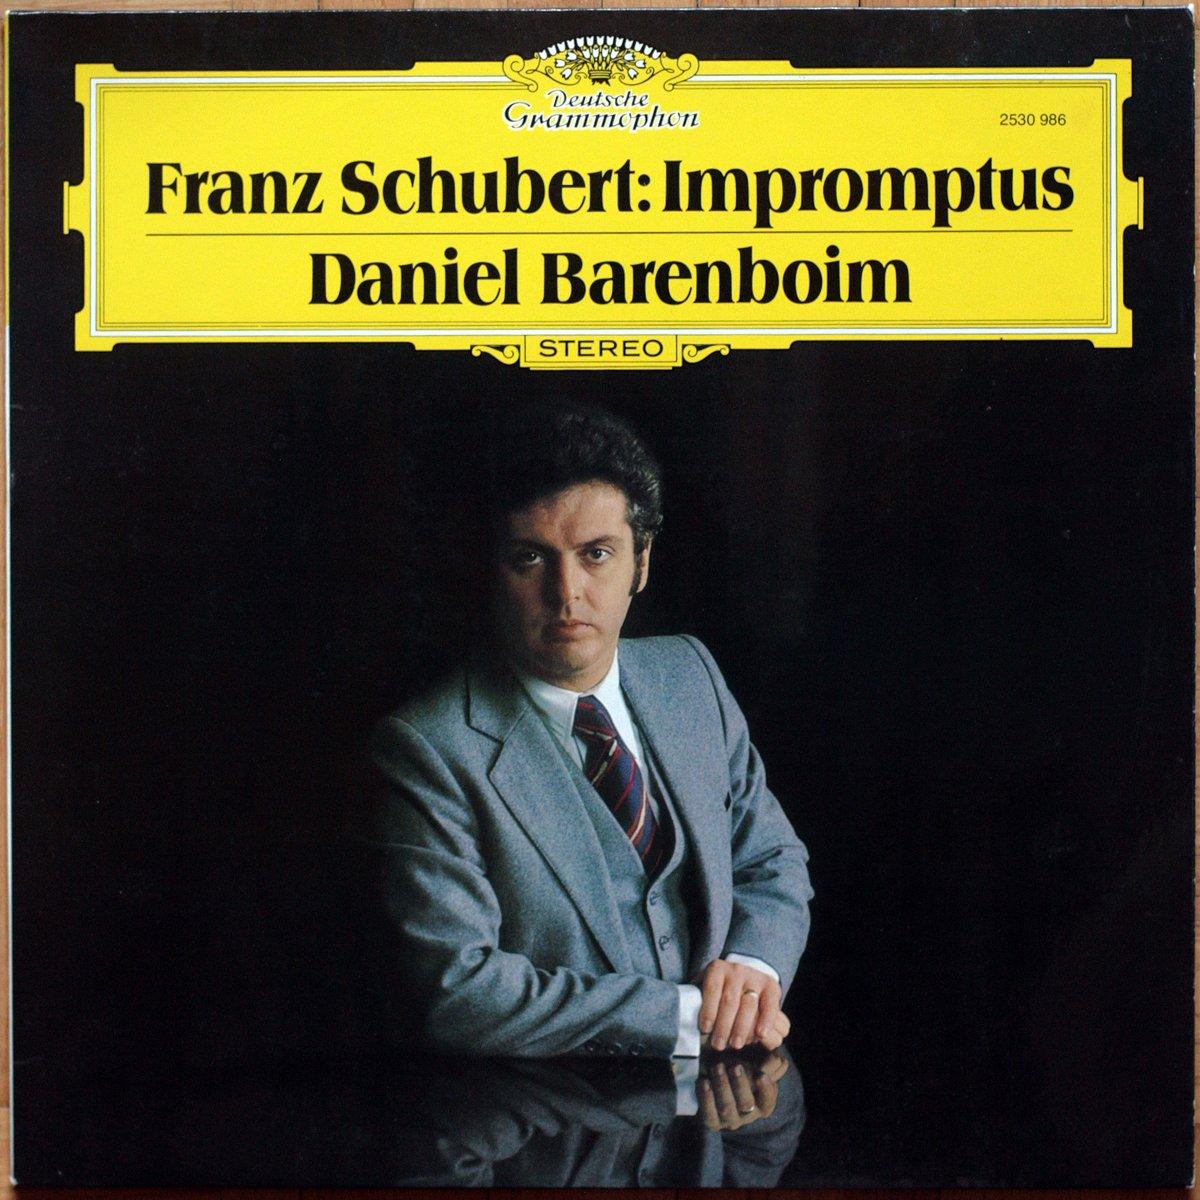 Schubert Impromptus Op. 90 - D 899 & Op. 142 - D 935 DGG 2530 986 Daniel Barenboim